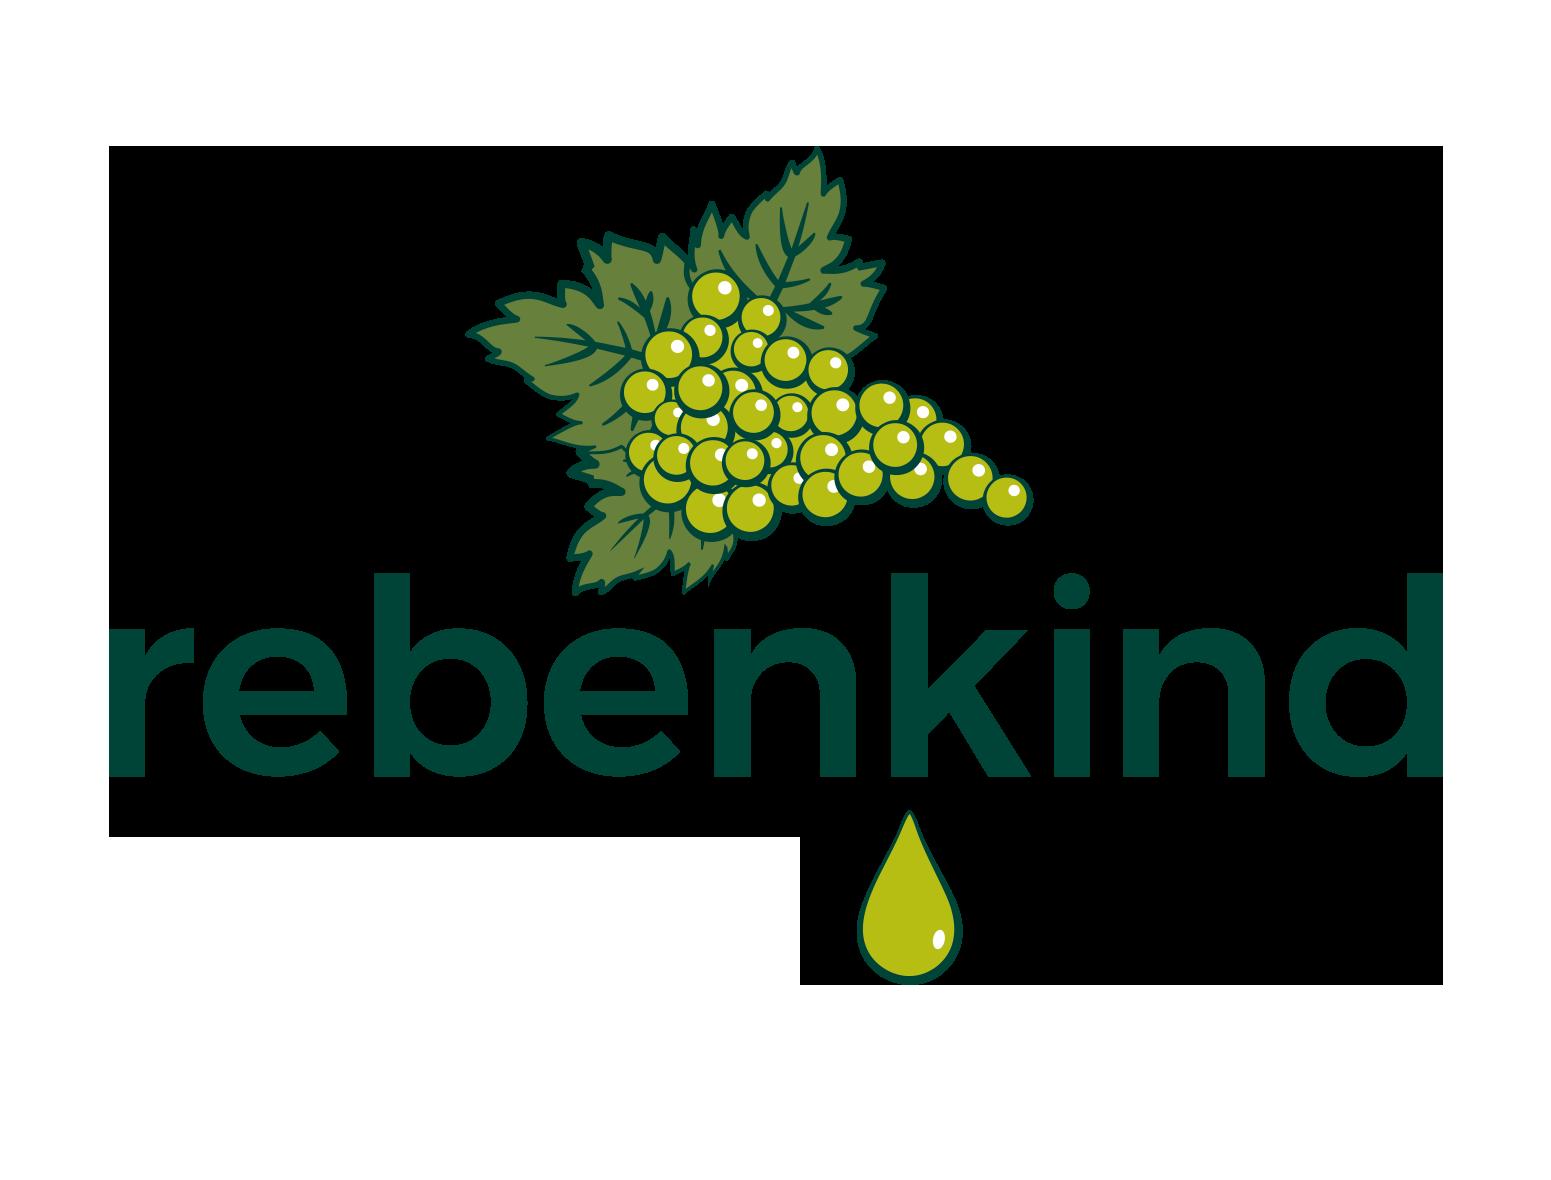 Neueröffnung rebenkin Weinladen & Vinothek